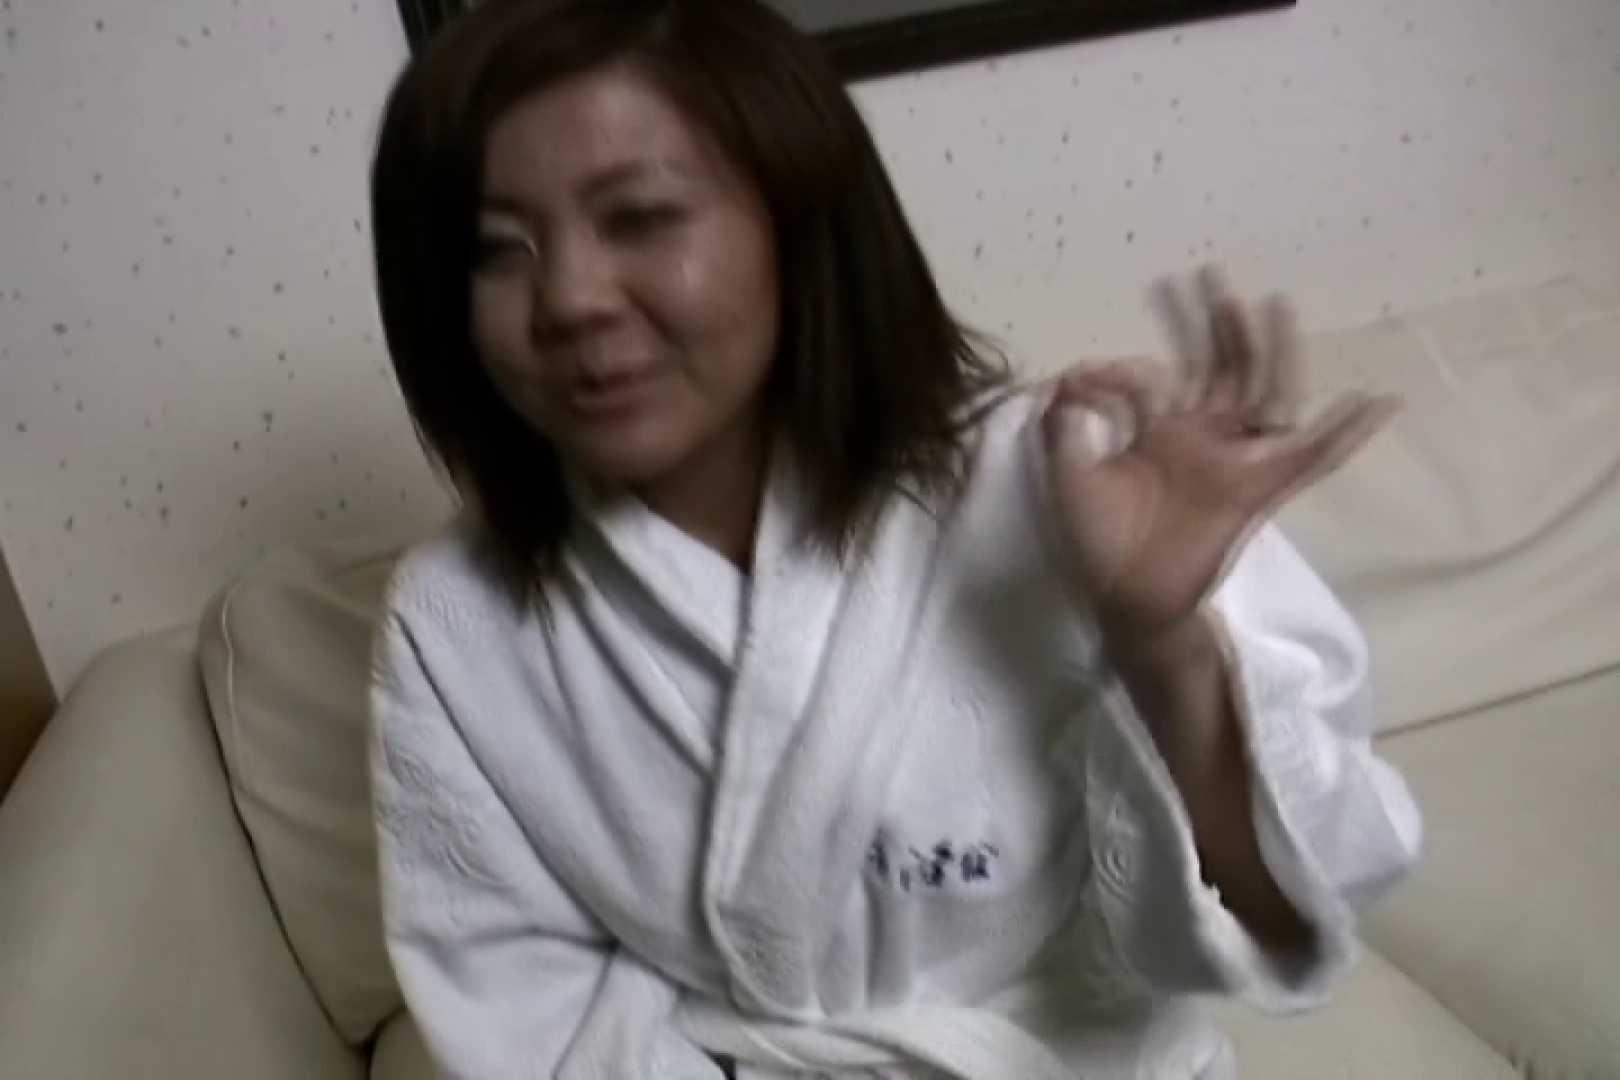 素人ナンパ本番撮り!出会い系でGET!Vol.14 人妻のエッチ エロ画像 100pic 95